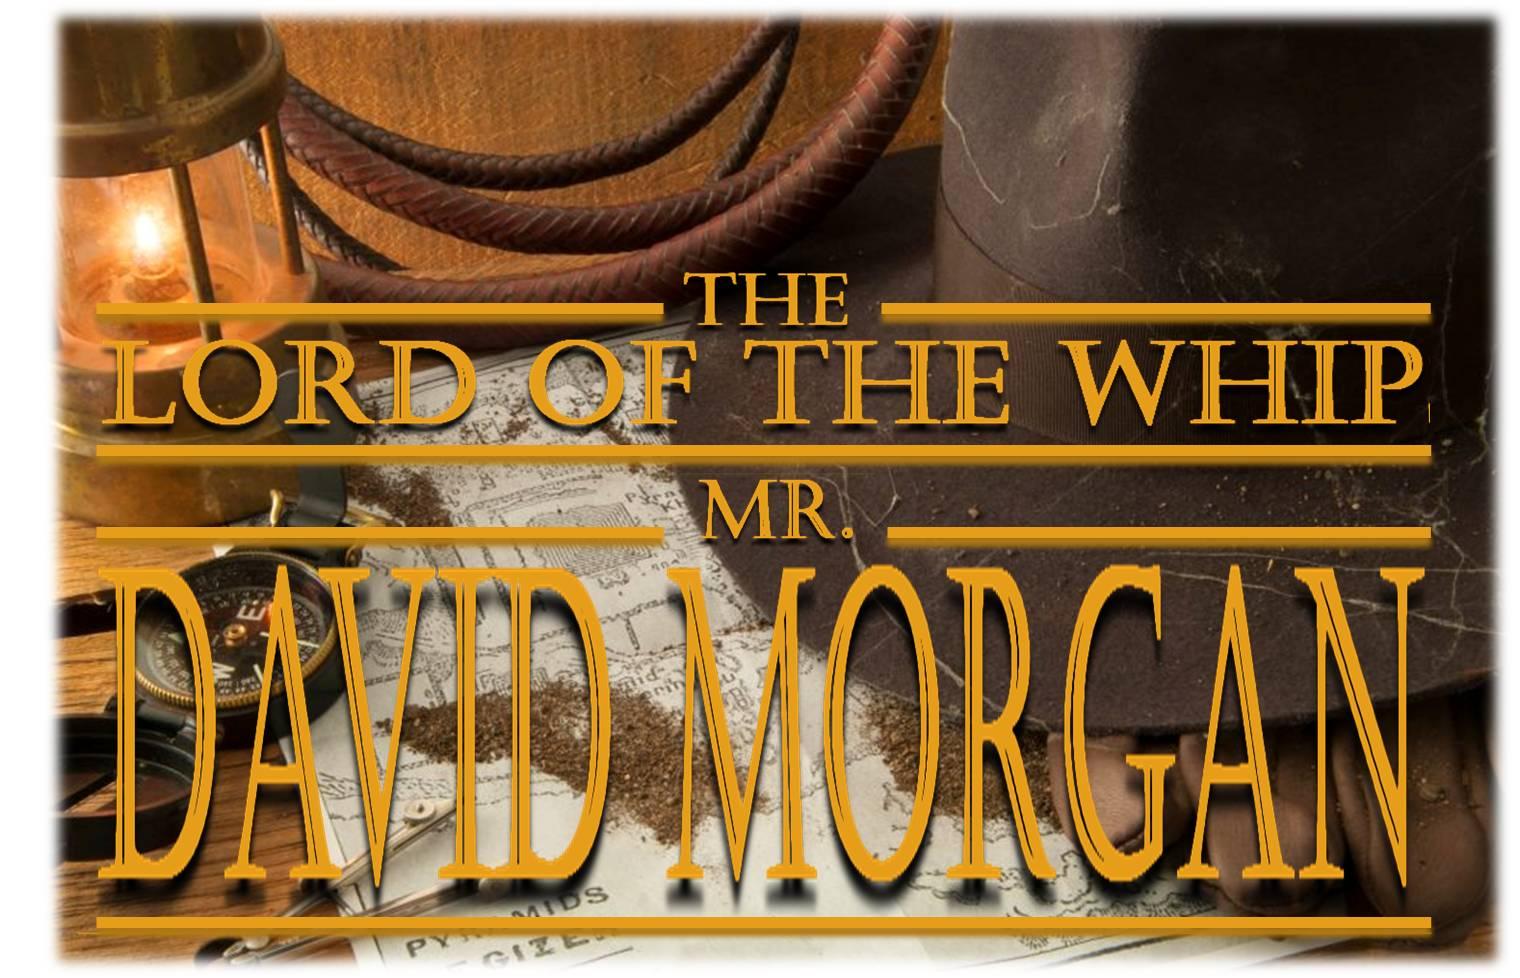 il signore delle fruste: Mr. david w. morgan